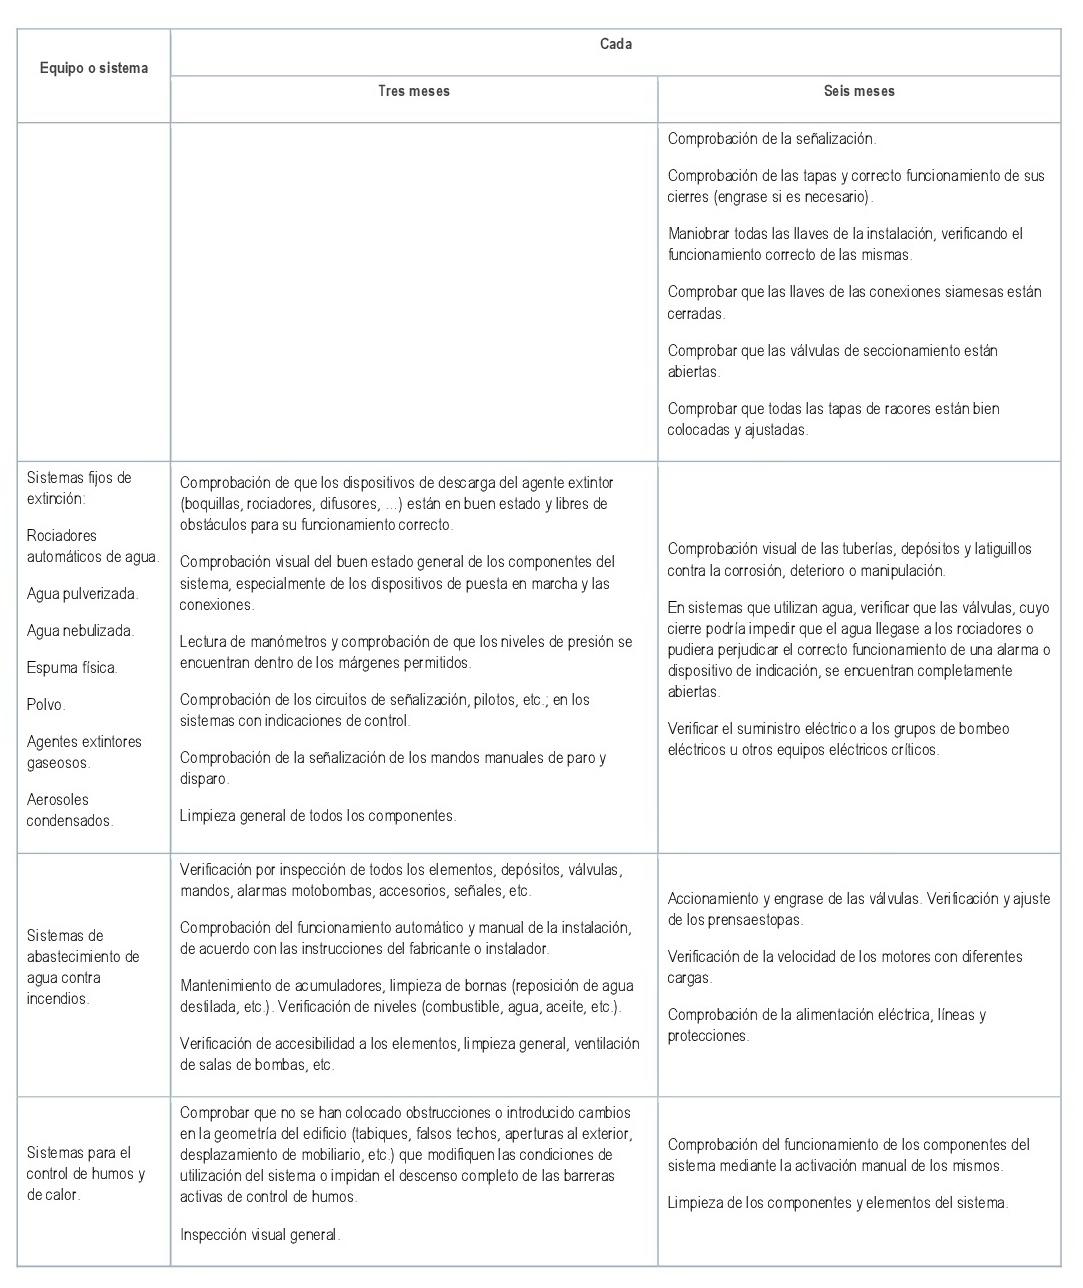 Tabla 3 RIPCI